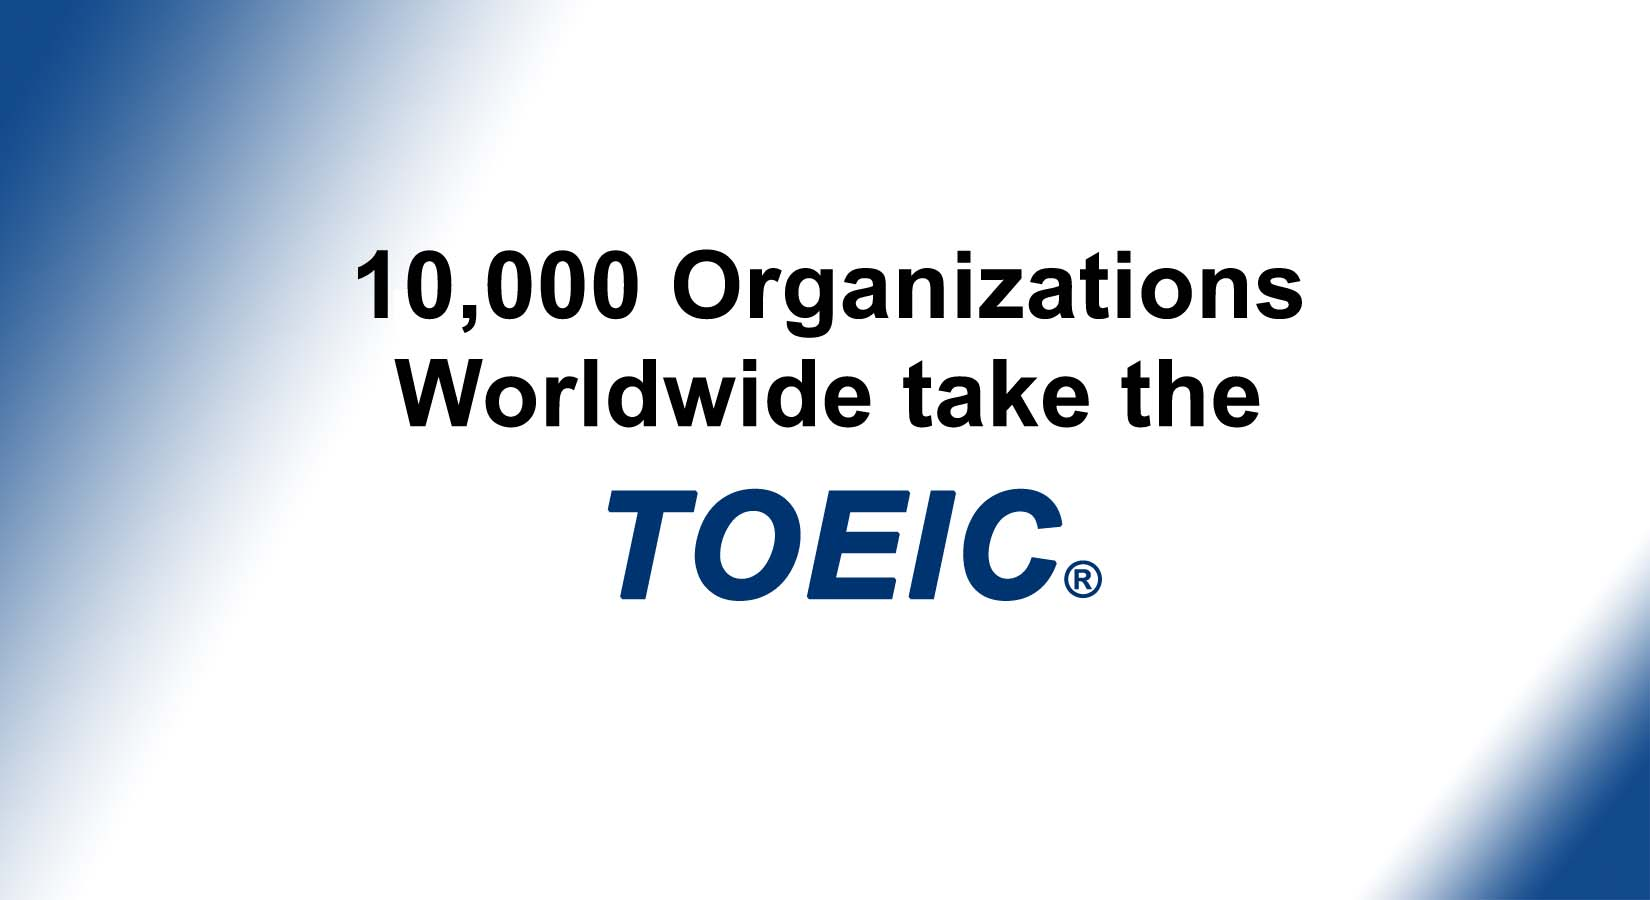 TOEIC-1